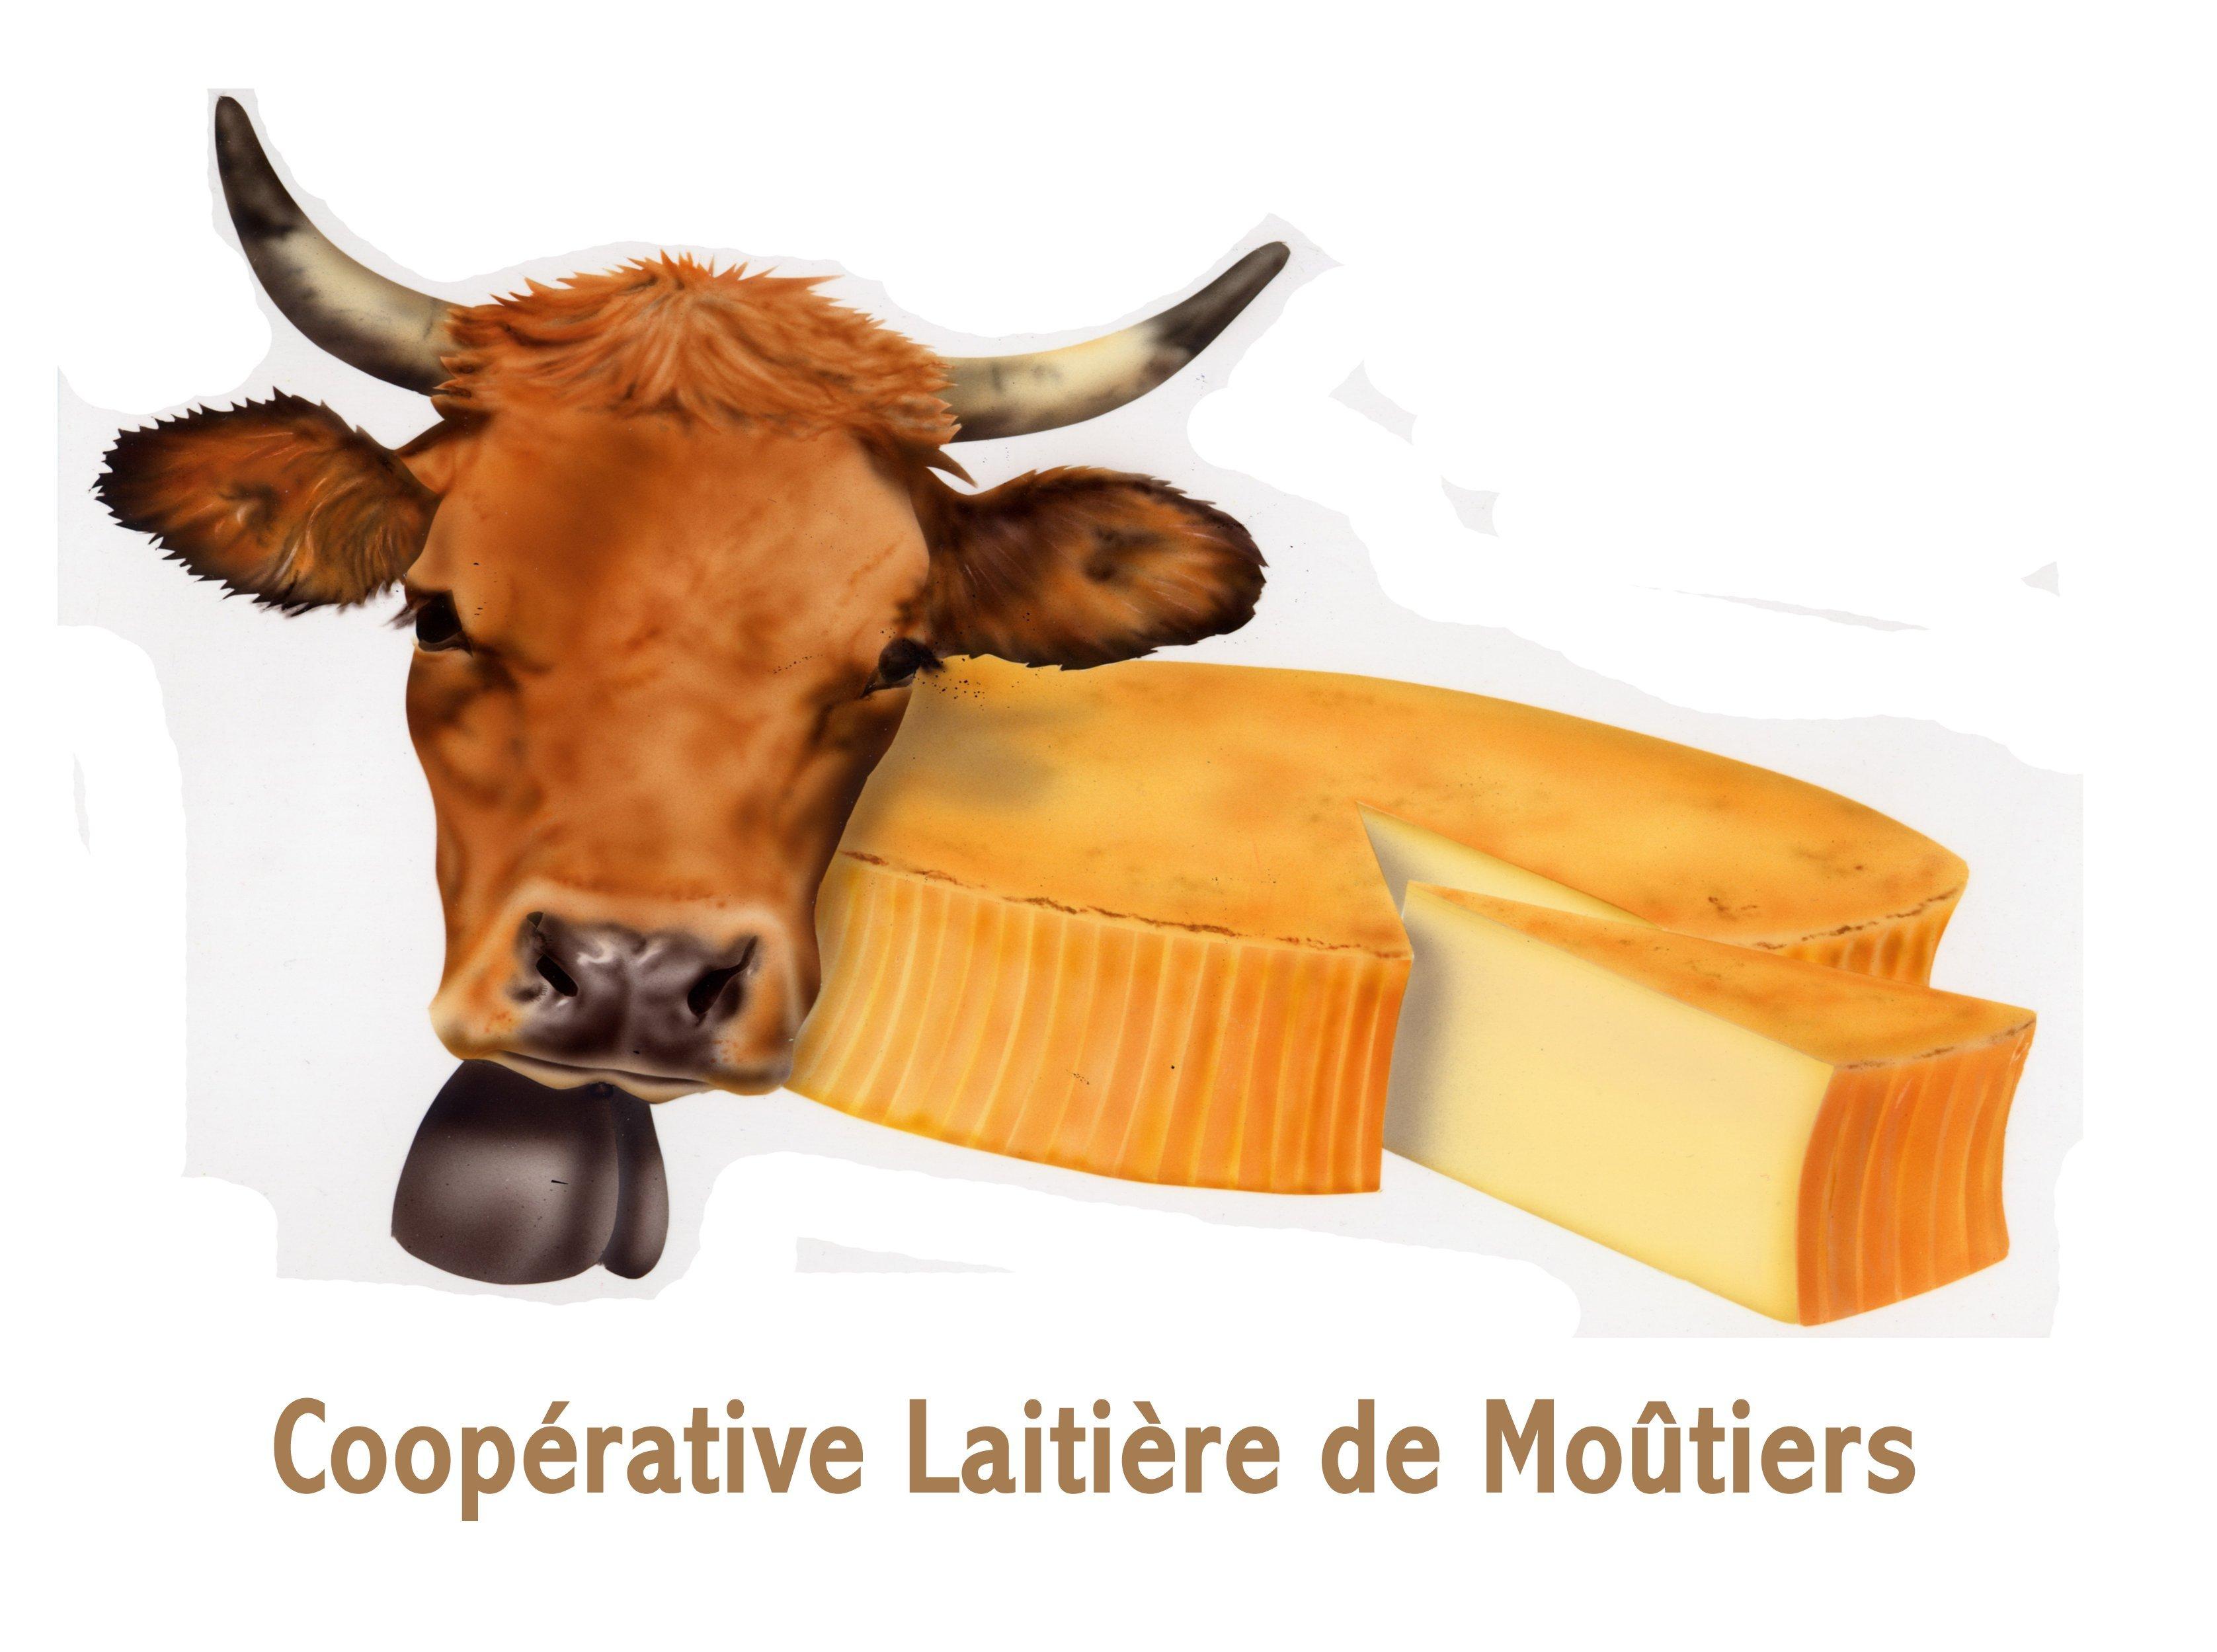 coopérative_moutiers_partenaire_madtrail